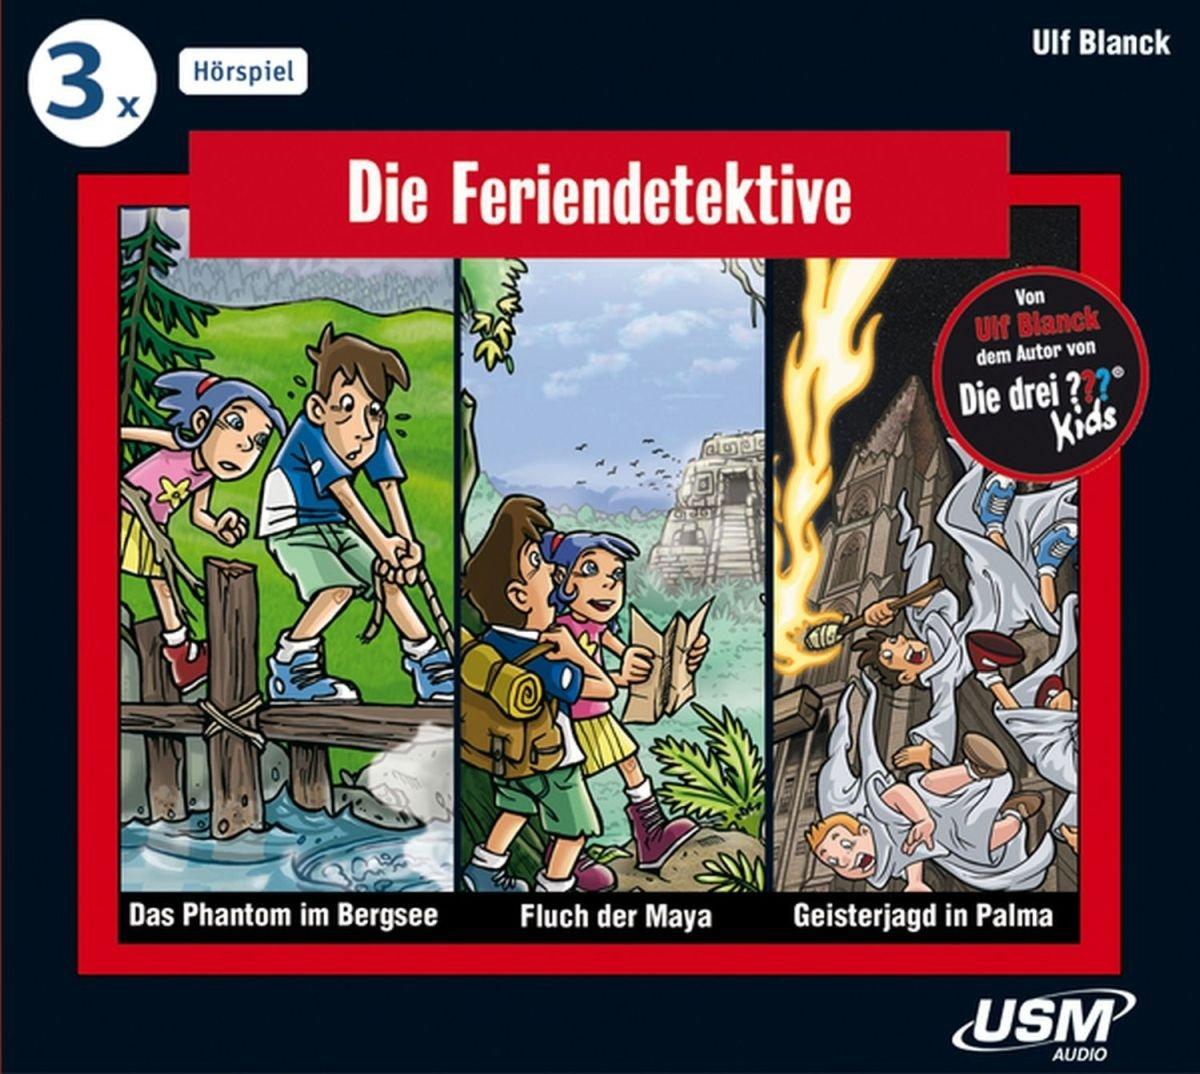 Die Feriendetektive 3-er Hörbox 1: 1. Das Phantom im Bergsee; 2. Fluch der Maya; 3. Geisterjagd in Palma